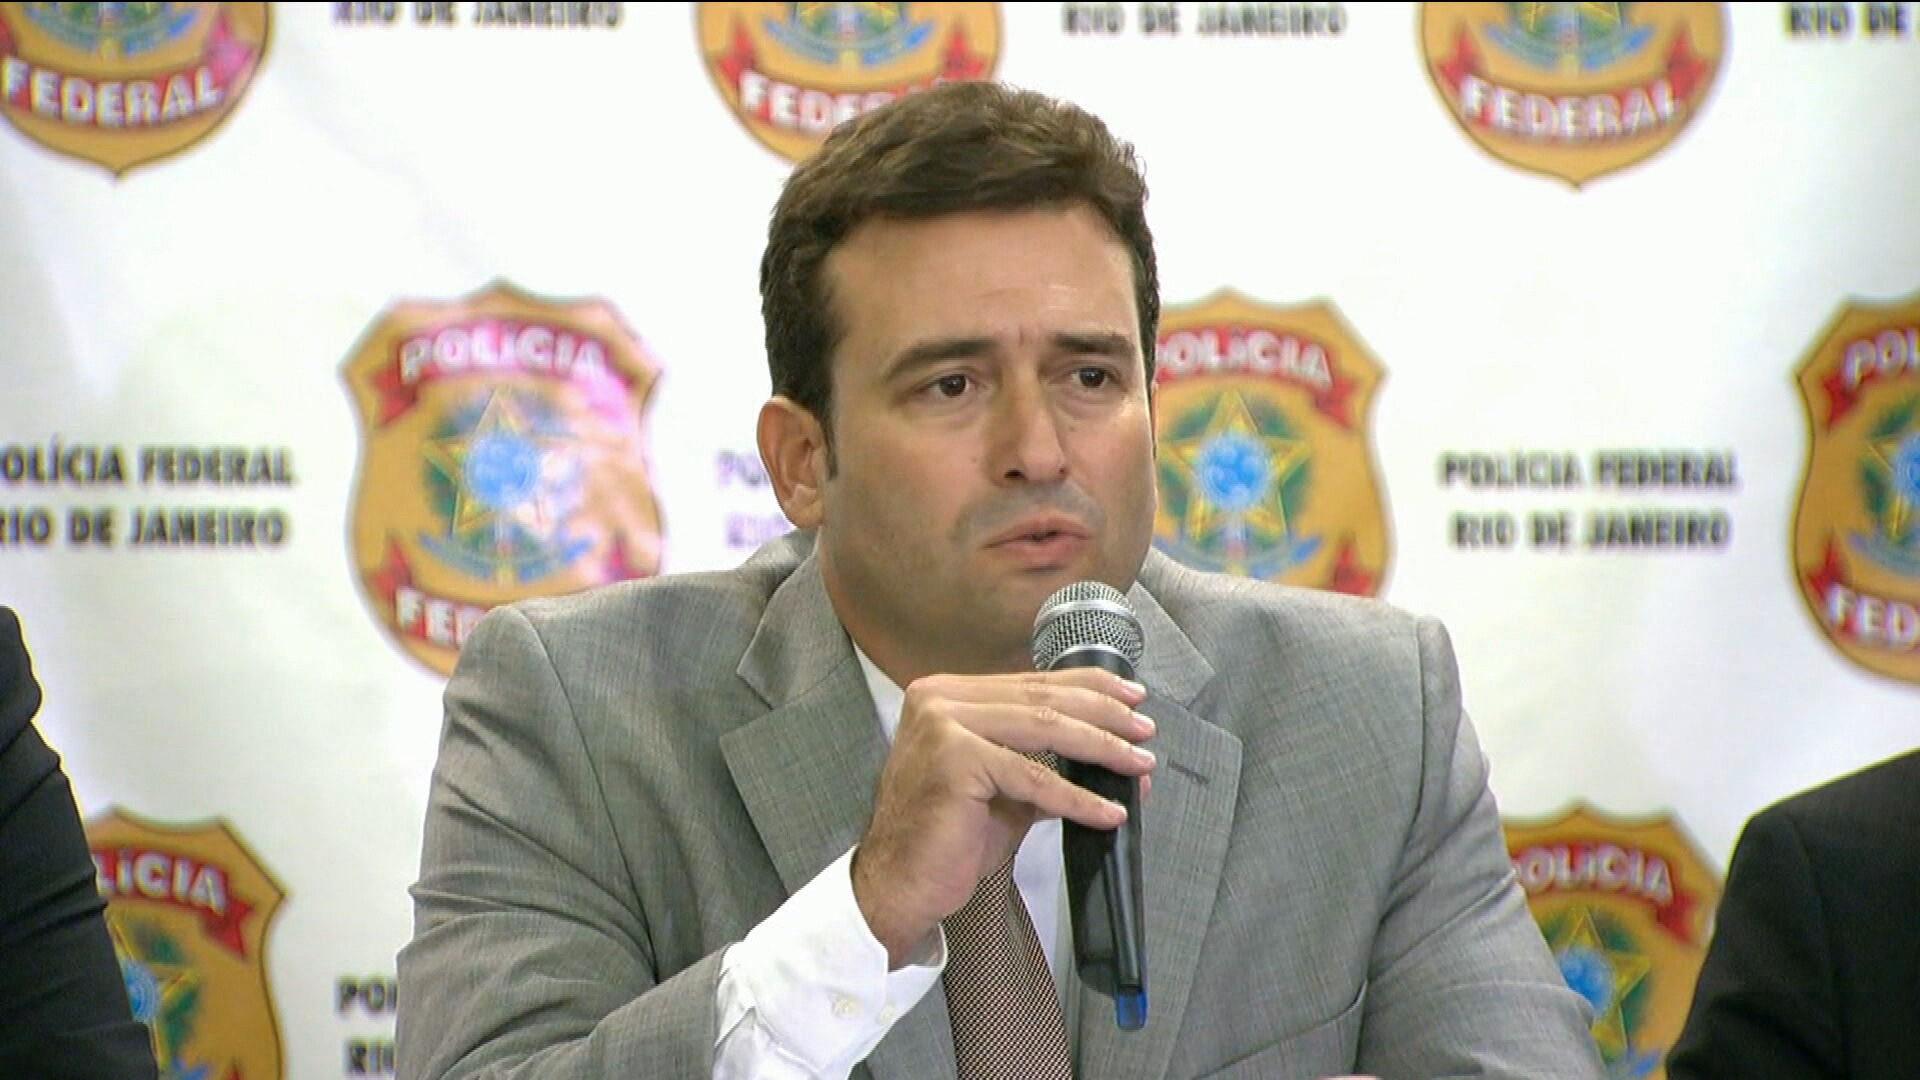 Tácio Muzzi é nomeado como superintendente da Polícia Federal no Rio